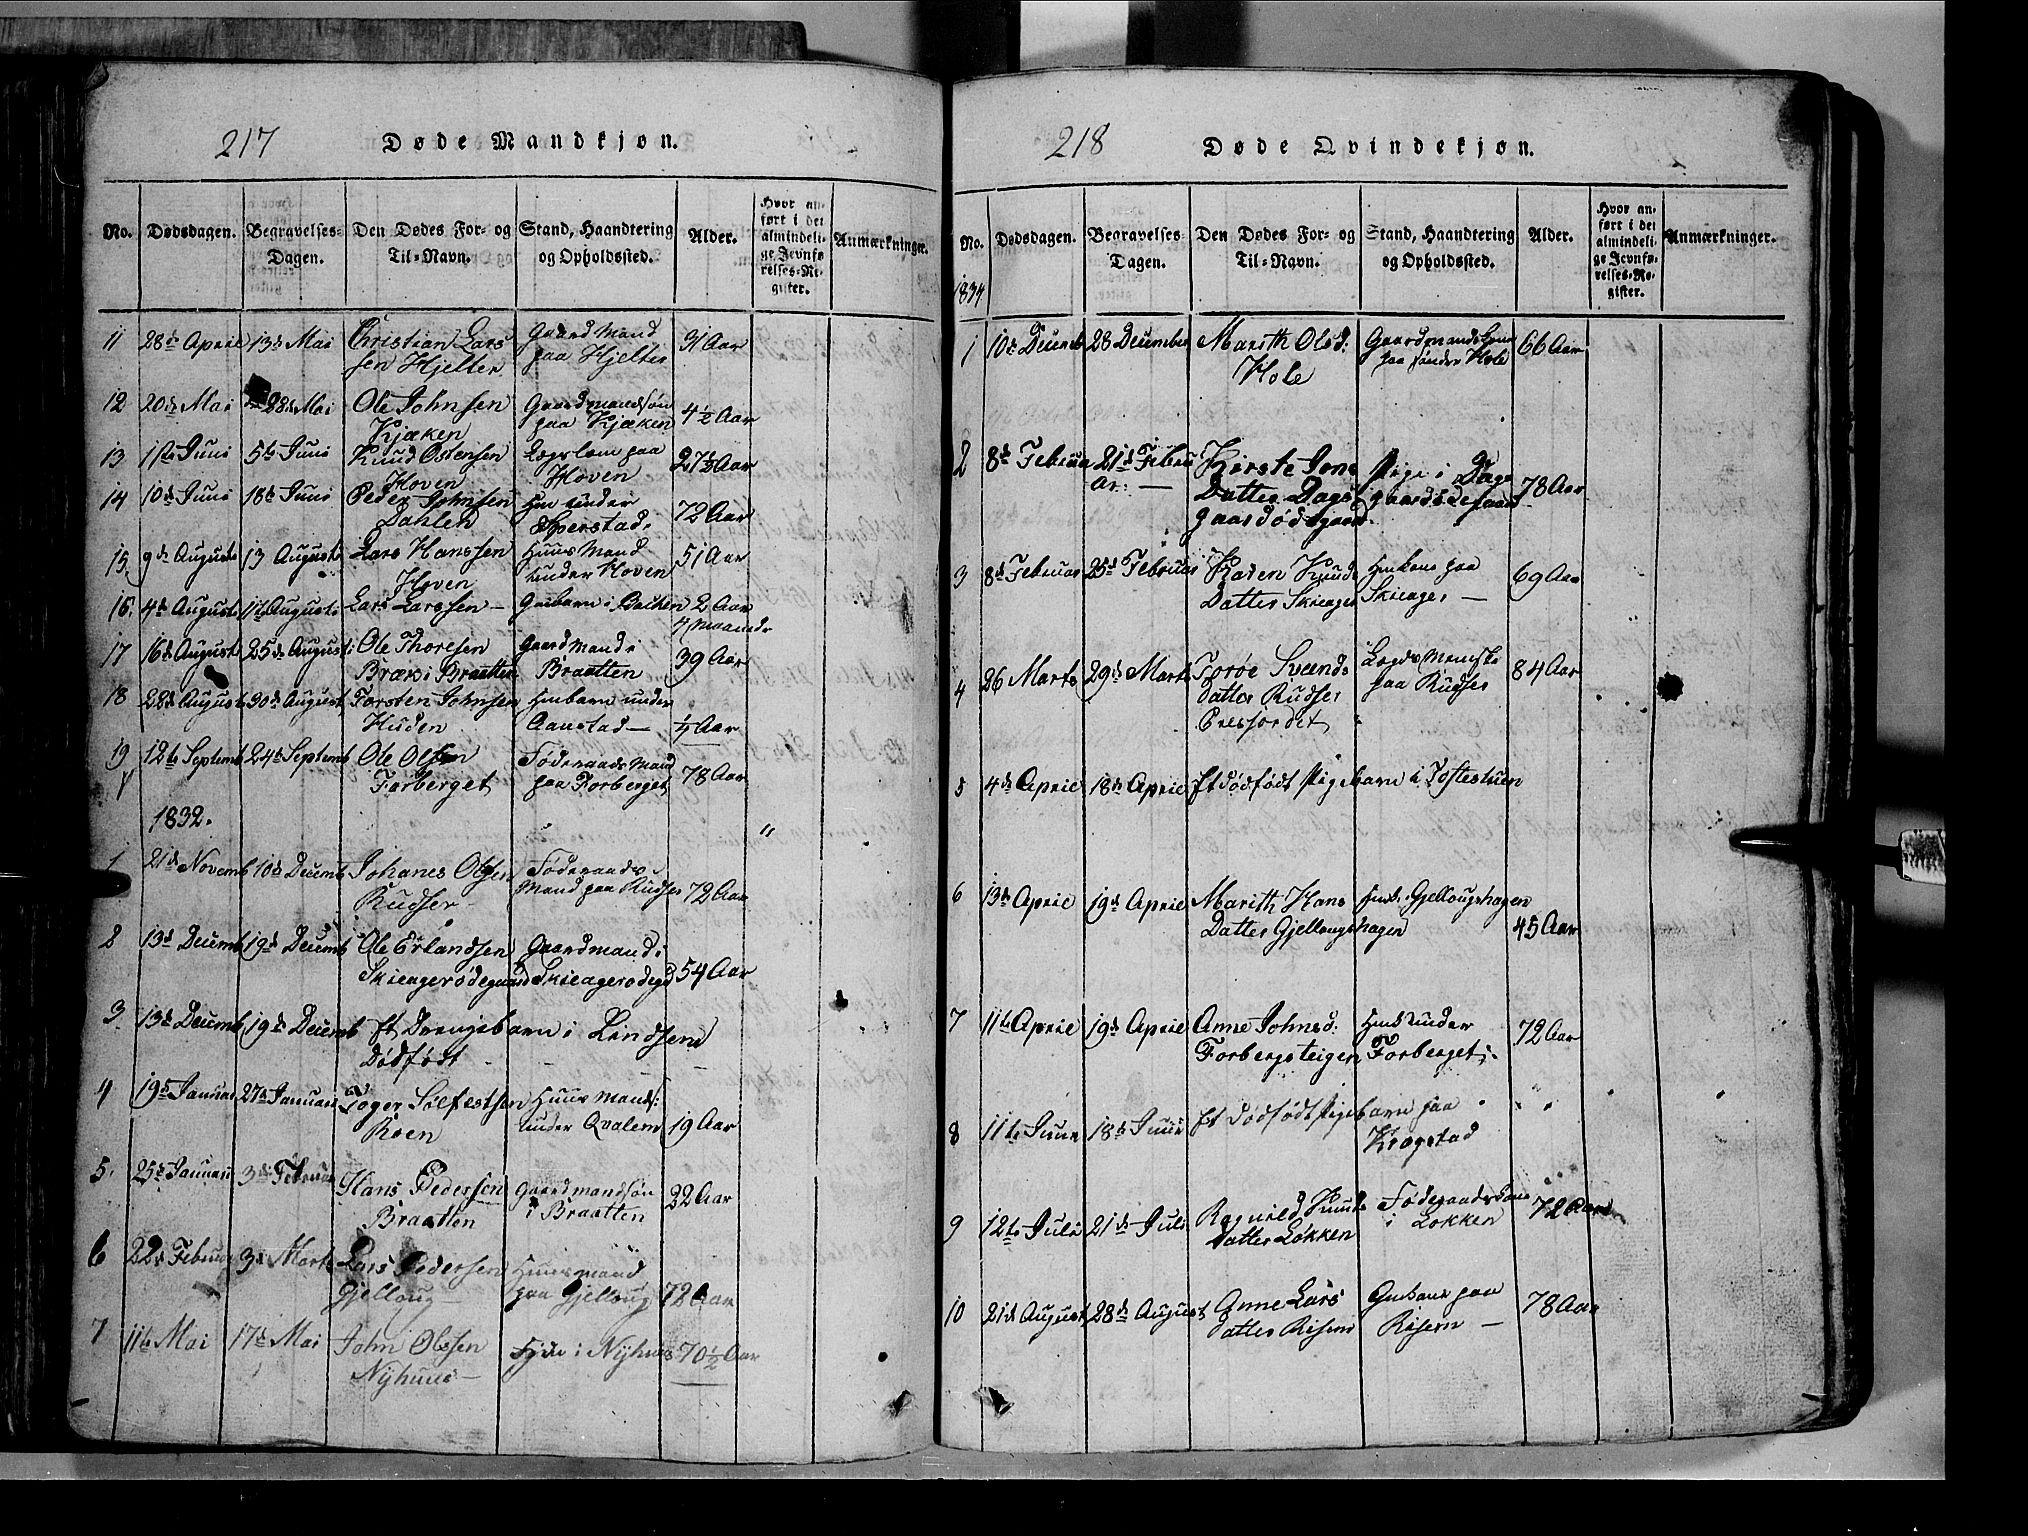 SAH, Lom prestekontor, L/L0003: Klokkerbok nr. 3, 1815-1844, s. 217-218